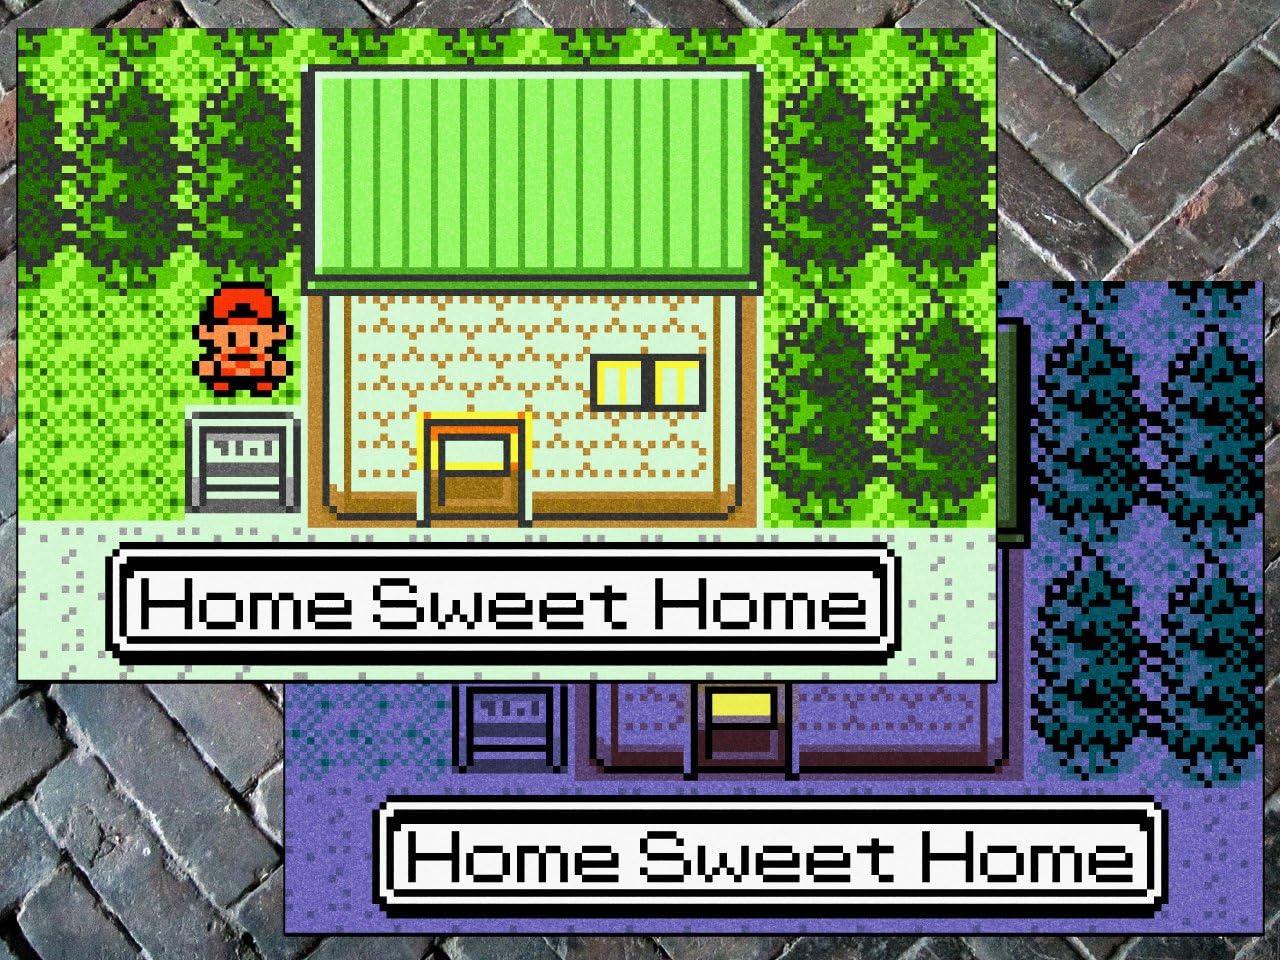 GG Promo Pokemon Gen II , Home Sweet Home – Doormat Welcome Floormat 24 x 36 , Night